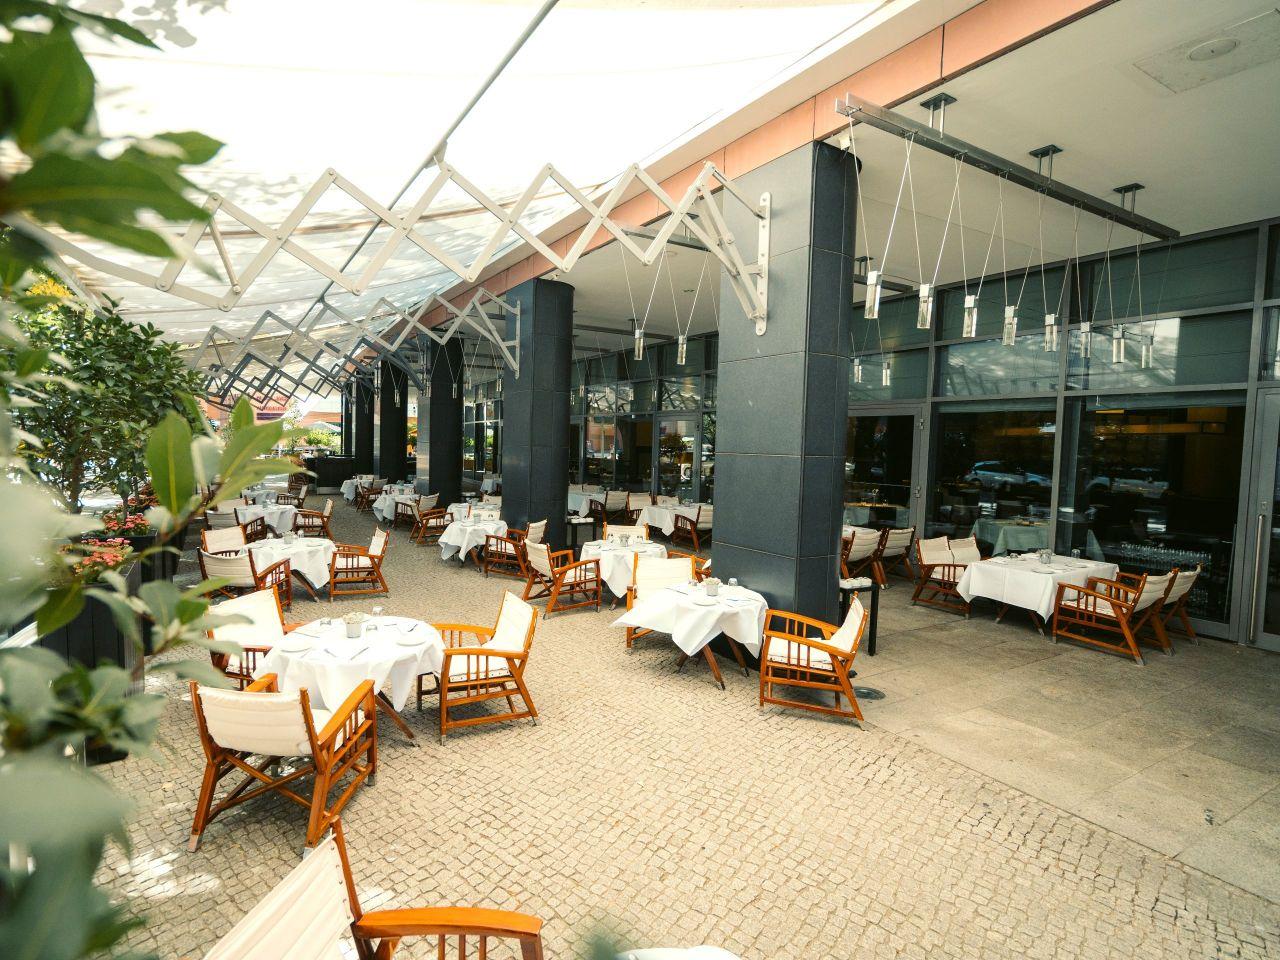 Vox Restaurant Sommerterrasse im Grand Hyatt Berlin